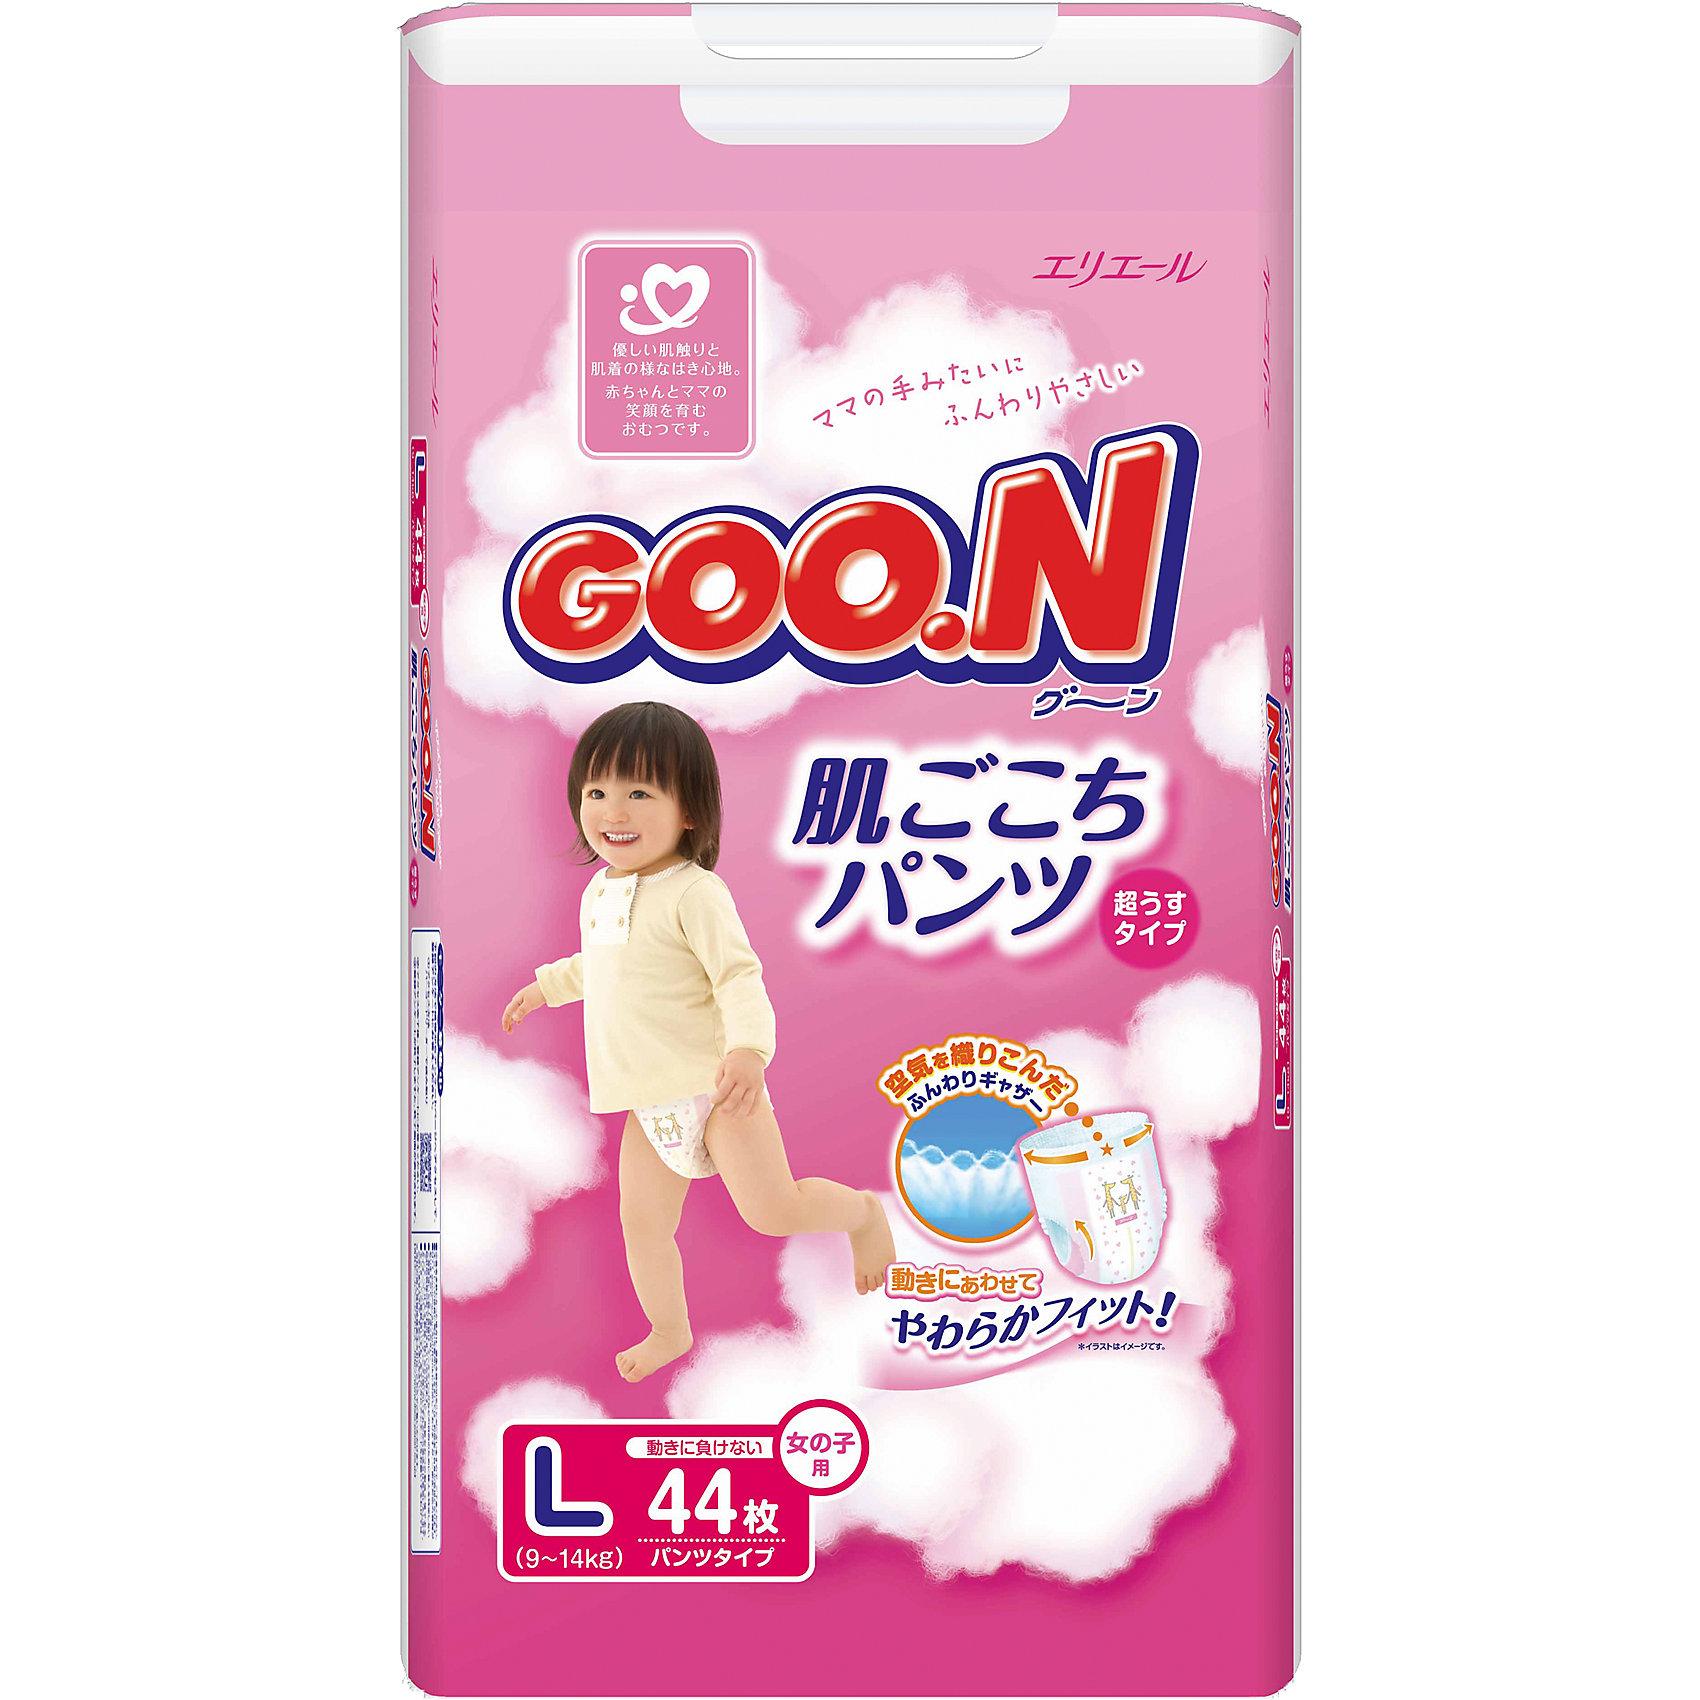 Goon Подгузники-трусики Goon, L 9-14 кг, для девочек, 44 шт. goon подгузники ss 0 5 кг 90 шт